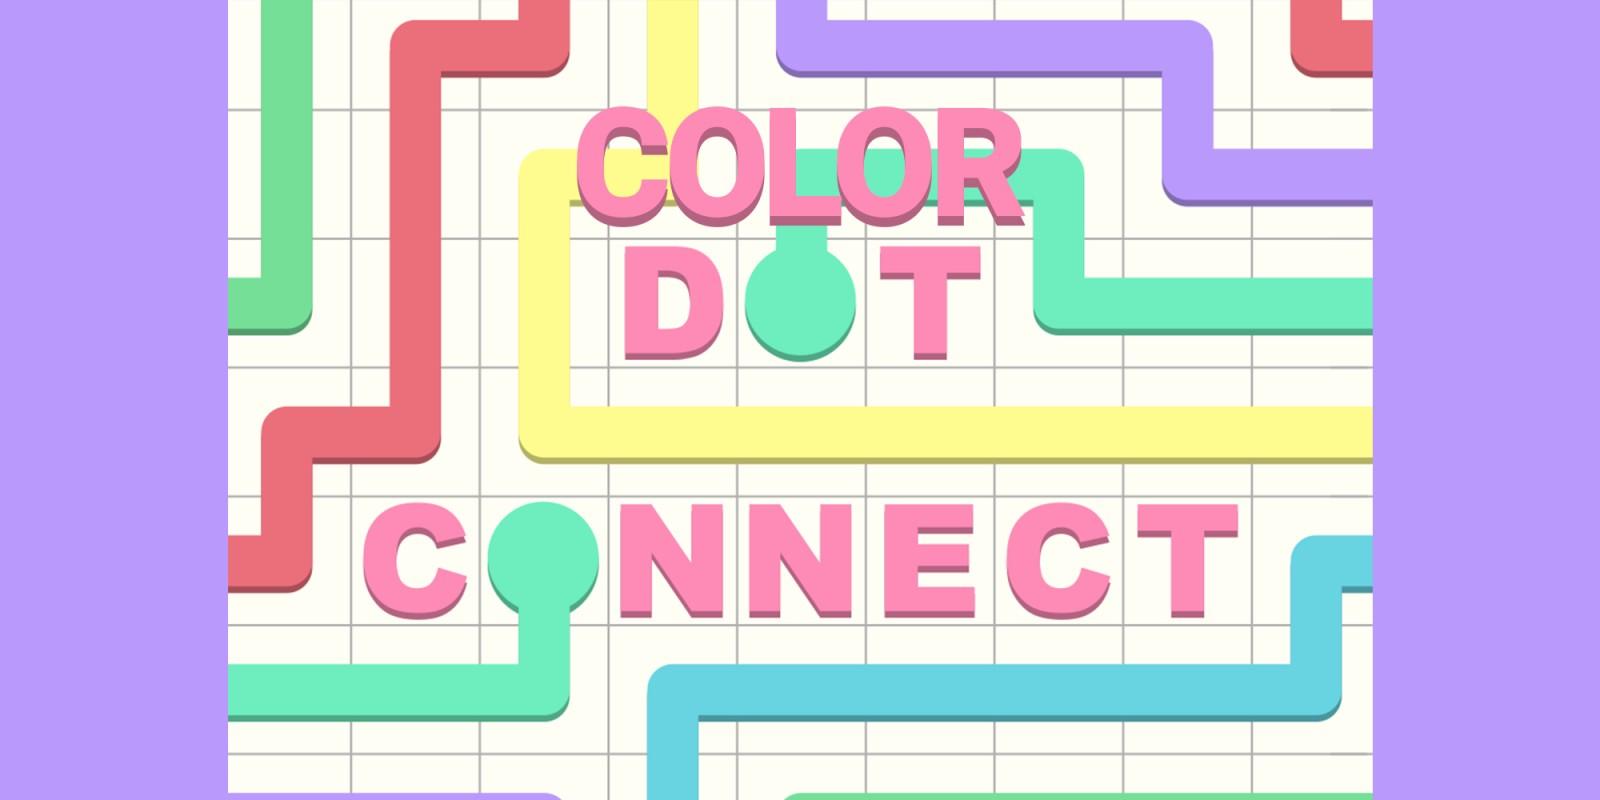 Color Dot Connect